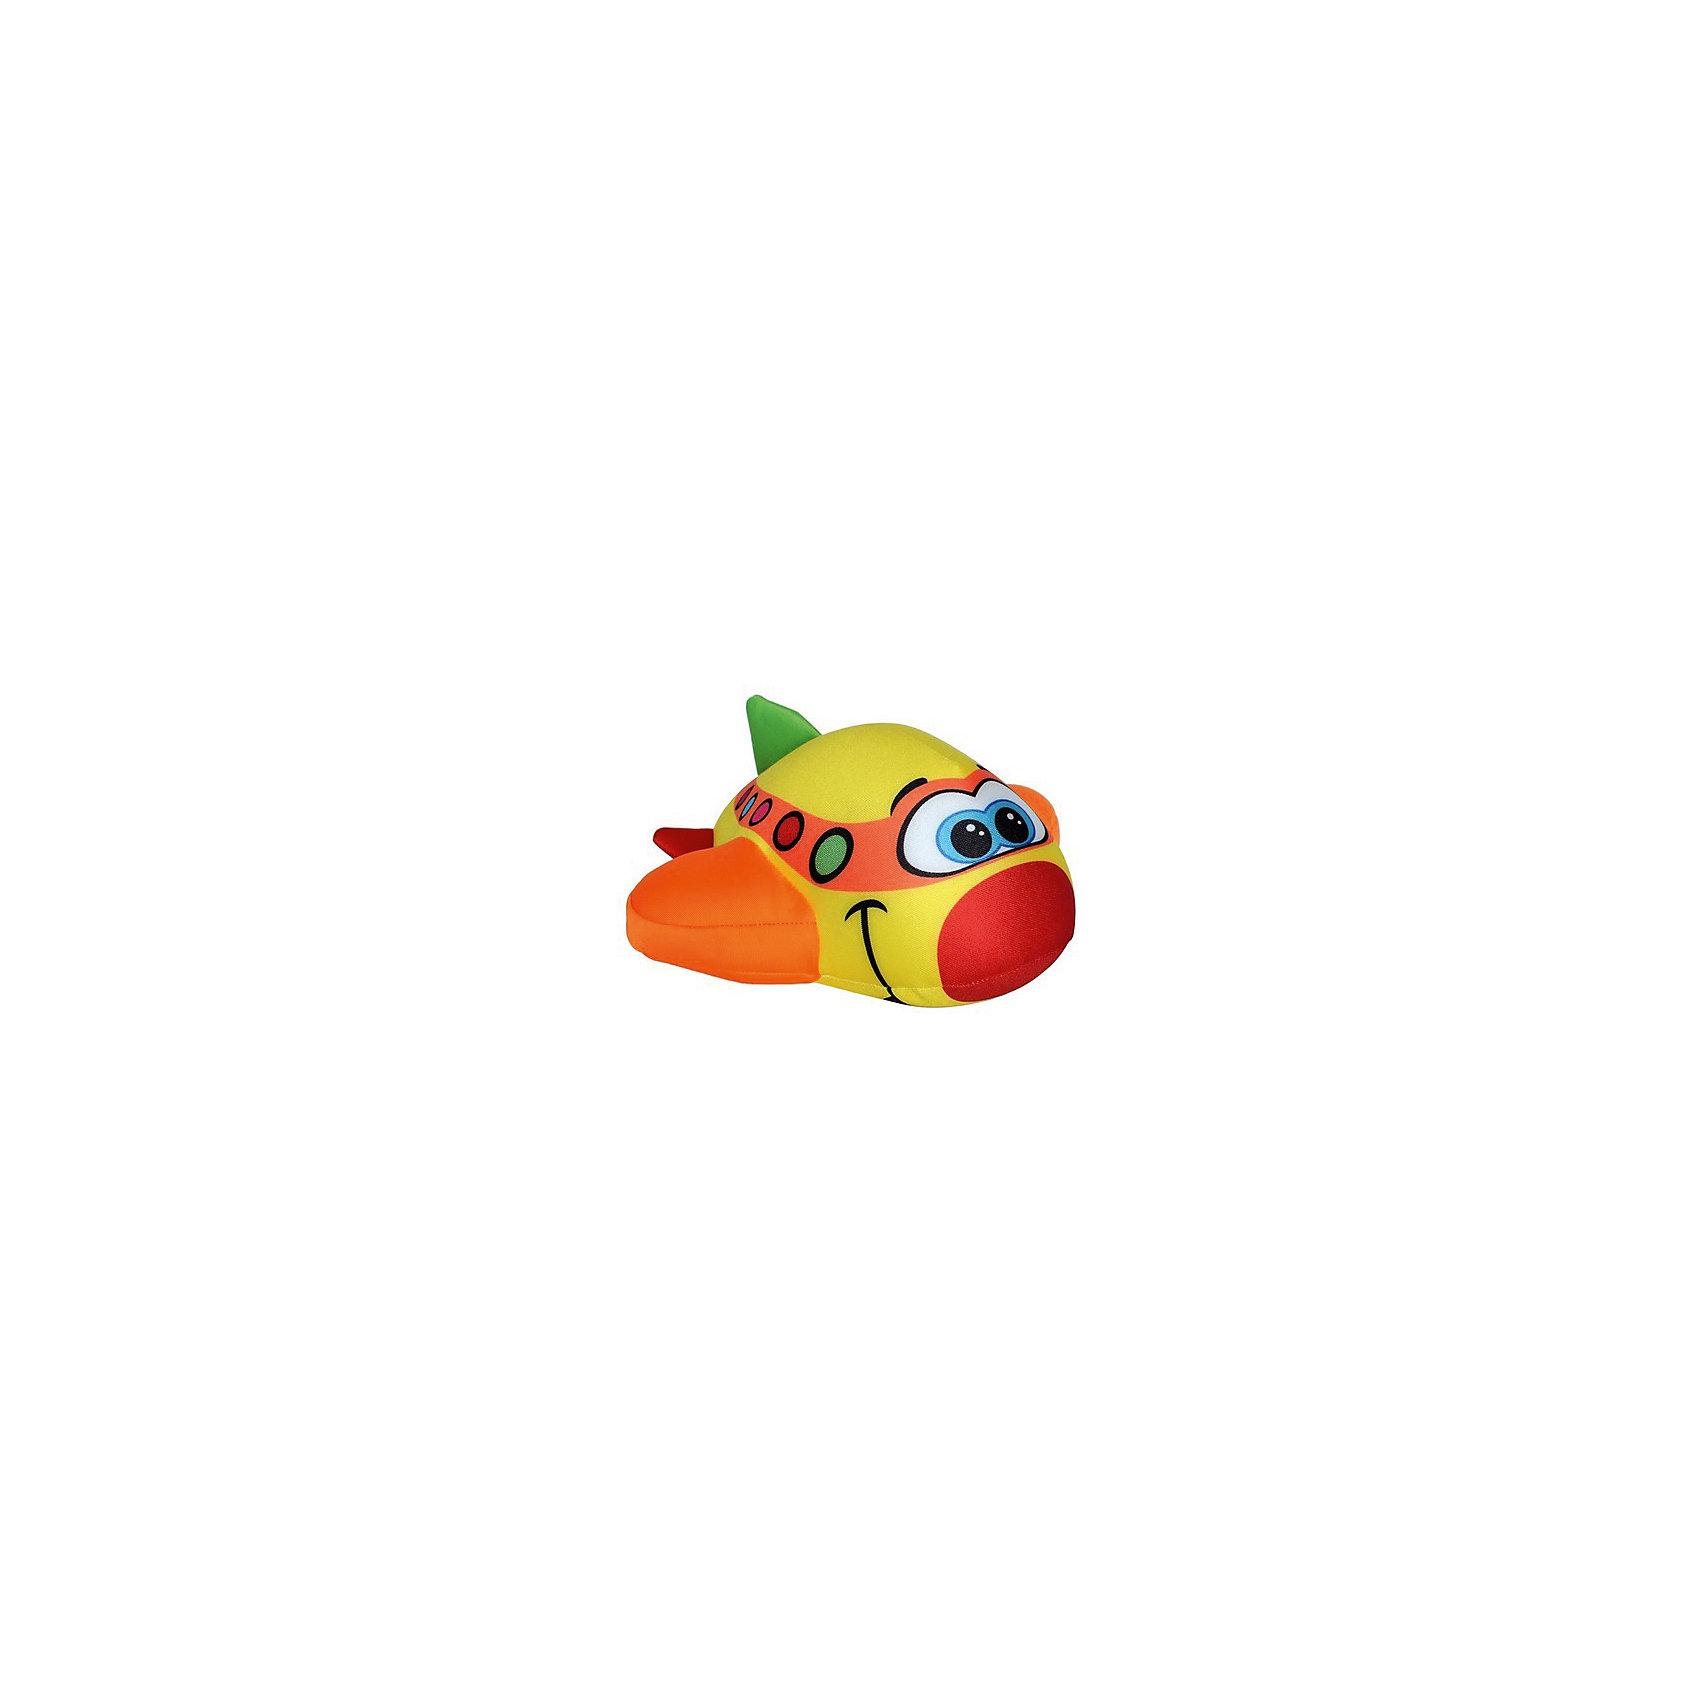 Игрушка-антистресс СамолетикМягкие игрушки-антистресс<br>Игрушка - антистресс станет прекрасным подарком для любого ребенка! Она выполнена из гладкого полиэстера, приятного на ощупь, внутри находятся мельчайшие гранулы полистирола, благодаря им подушка упругая, мягкая, хорошо выглядит: как бы ее не сжимали маленькие детские ручки, она всегда возвращает себе первоначальную форму. Игрушка изготовлена из высококачественных экологичных материалов, безопасных для детей. Яркий самолетик обязательно понравится ребенку, поможет расслабиться, подарит хорошее настроение и улыбки. <br><br>Дополнительная информация:<br><br>- Материал: полиэстер, гранулы полистирола. <br>- Цвет: желтый, красный, оранжевый.<br>- Размер: 23х16х11 см. <br>- Не сминается.<br>- Абсолютно гипоаллергенна. <br><br>Игрушку-антистресс Самолетик, можно купить в нашем магазине.<br><br>Ширина мм: 230<br>Глубина мм: 210<br>Высота мм: 100<br>Вес г: 65<br>Возраст от месяцев: 36<br>Возраст до месяцев: 2147483647<br>Пол: Унисекс<br>Возраст: Детский<br>SKU: 4546099